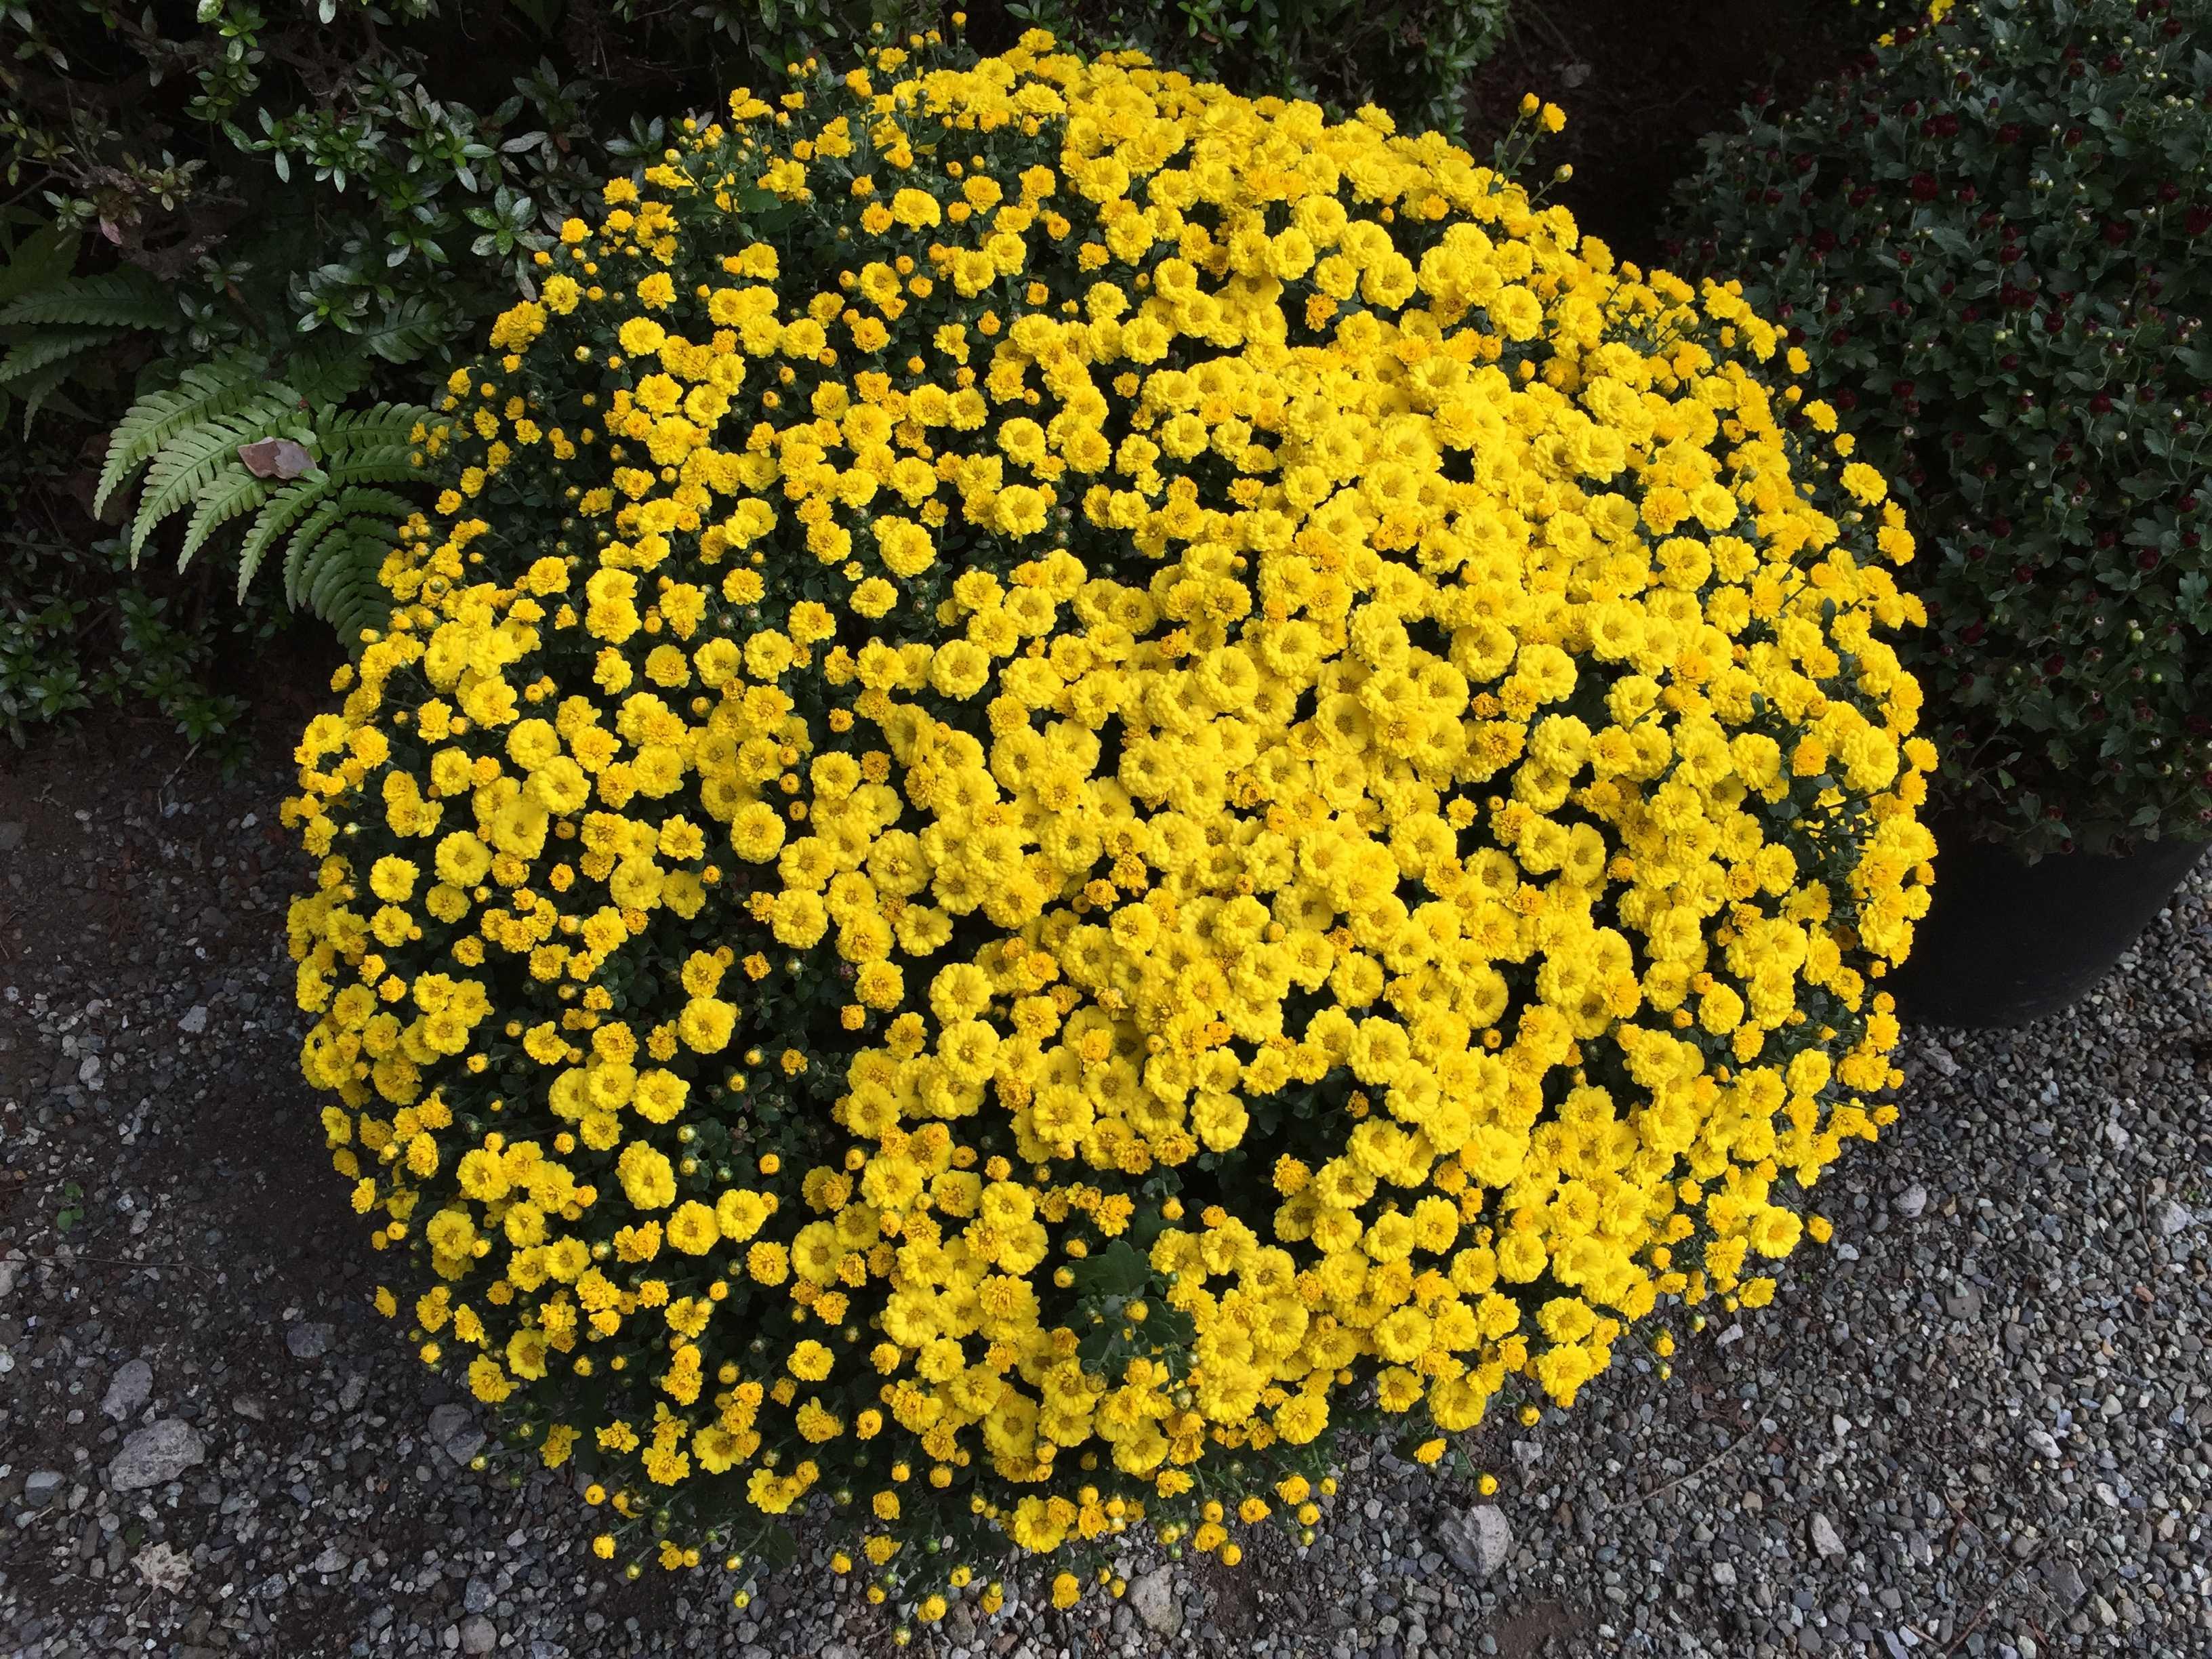 無量光寺 - 小さな黄色い花